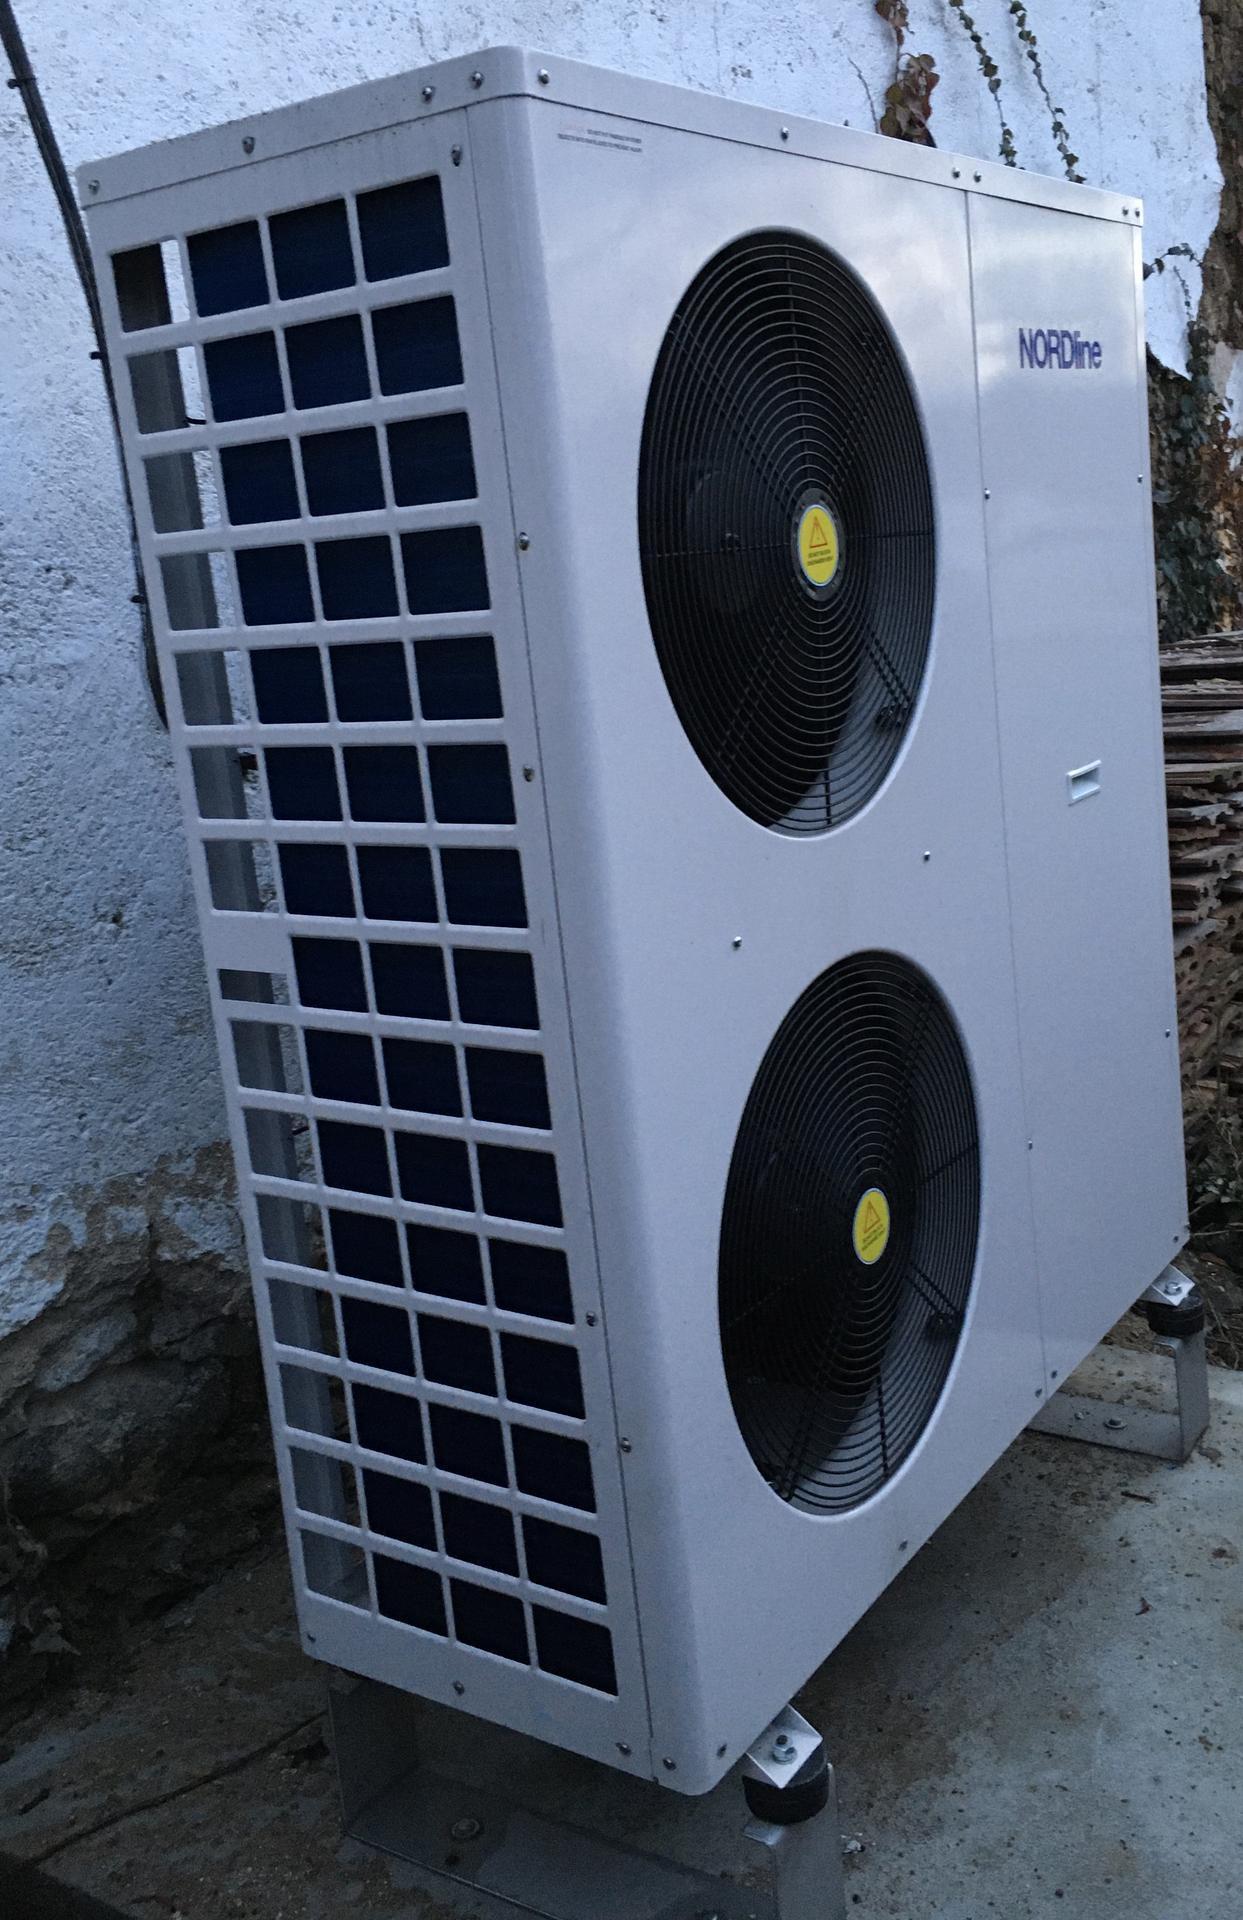 2020 😍 🌞 - Prvni sezona na chalupe bez uhli je zatim super, ovsem letosni zima nas moc nezkousi :-)